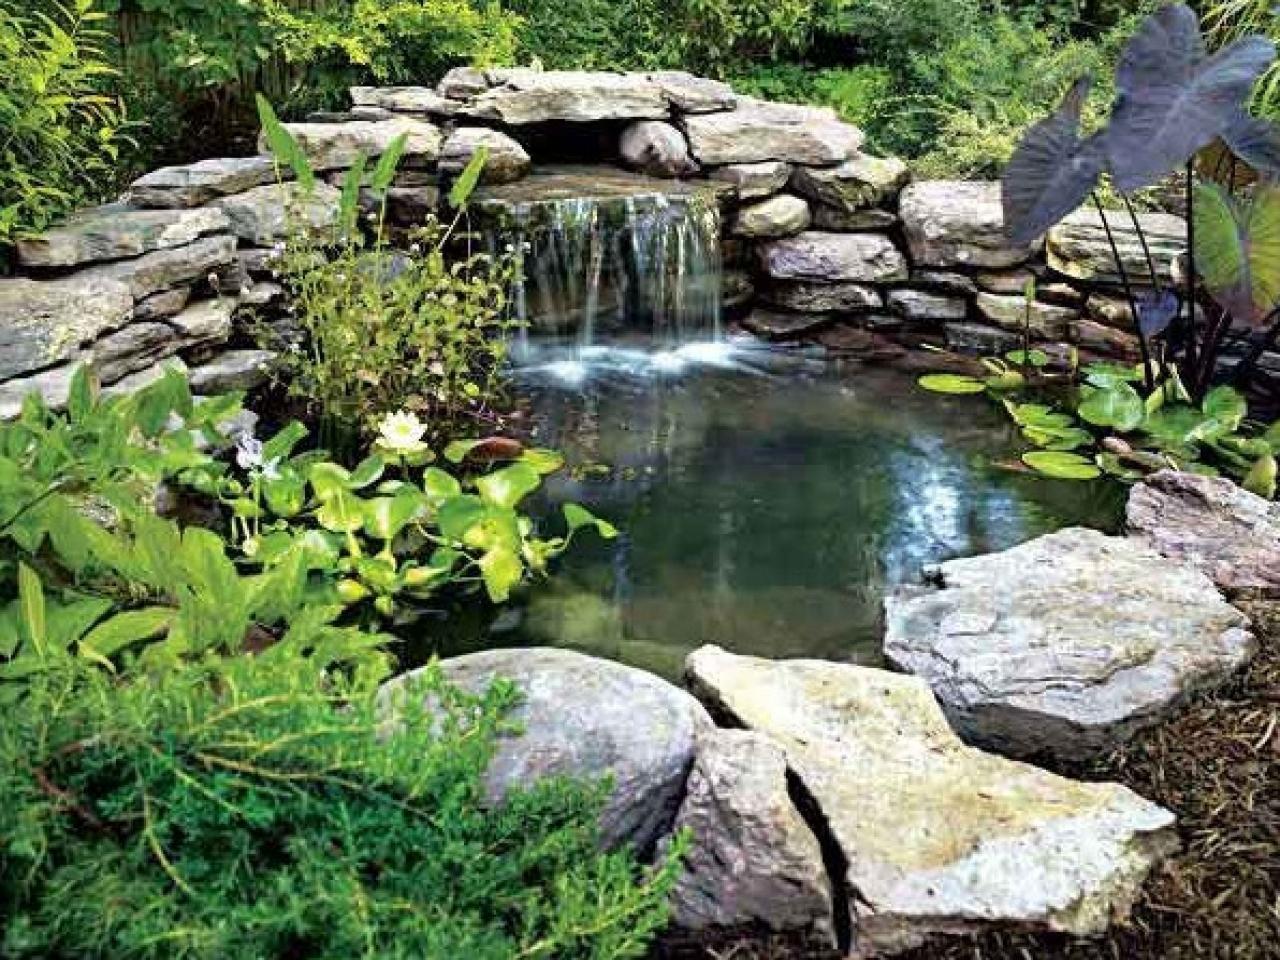 backyard-pond-waterfall-1000-ideas-about-small-garden ... on Small Backyard Pond With Waterfall id=99576